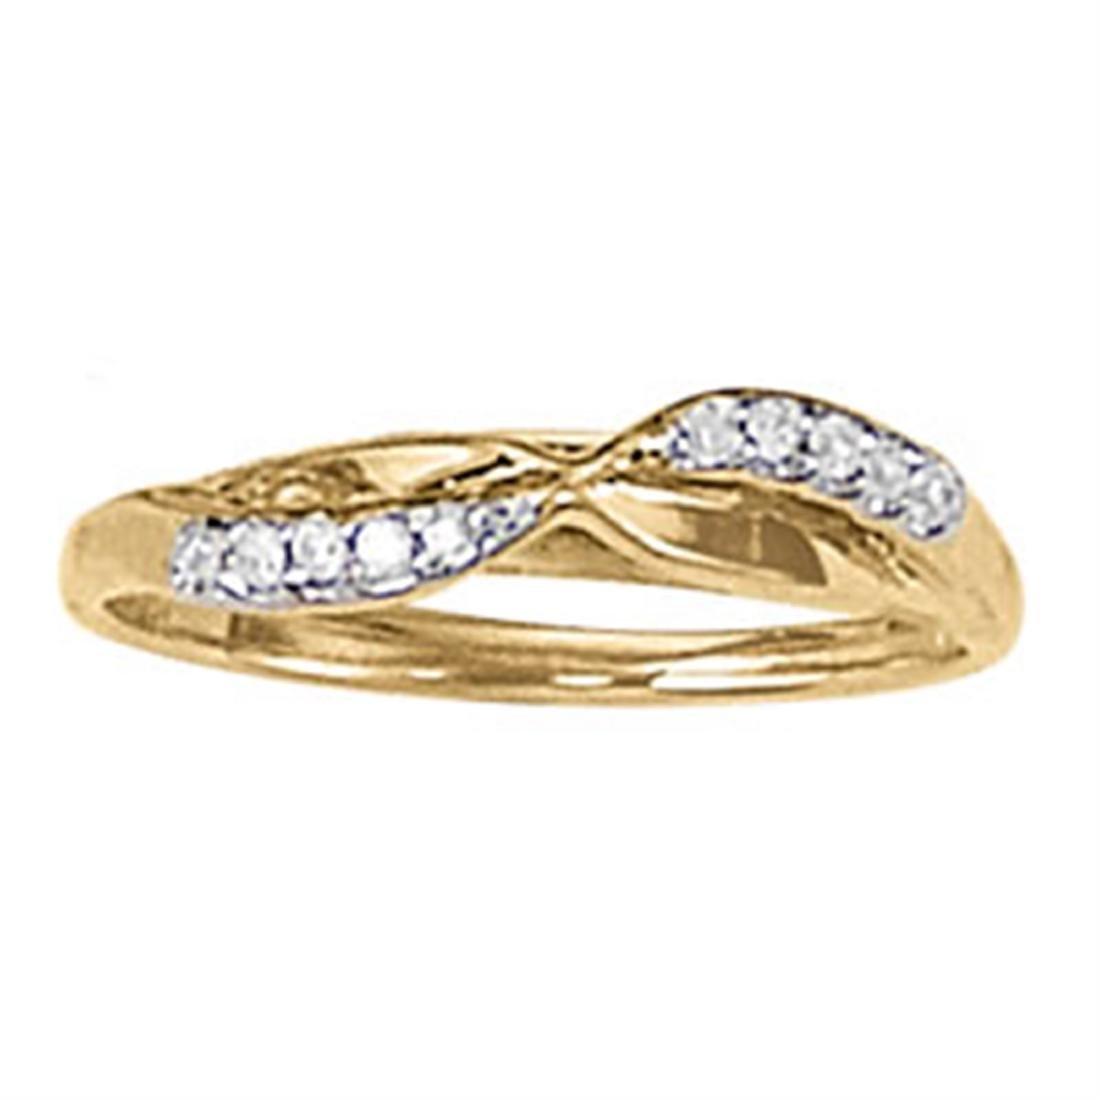 14kt gold 2.34 gram Wedding Bands/Curved Bands